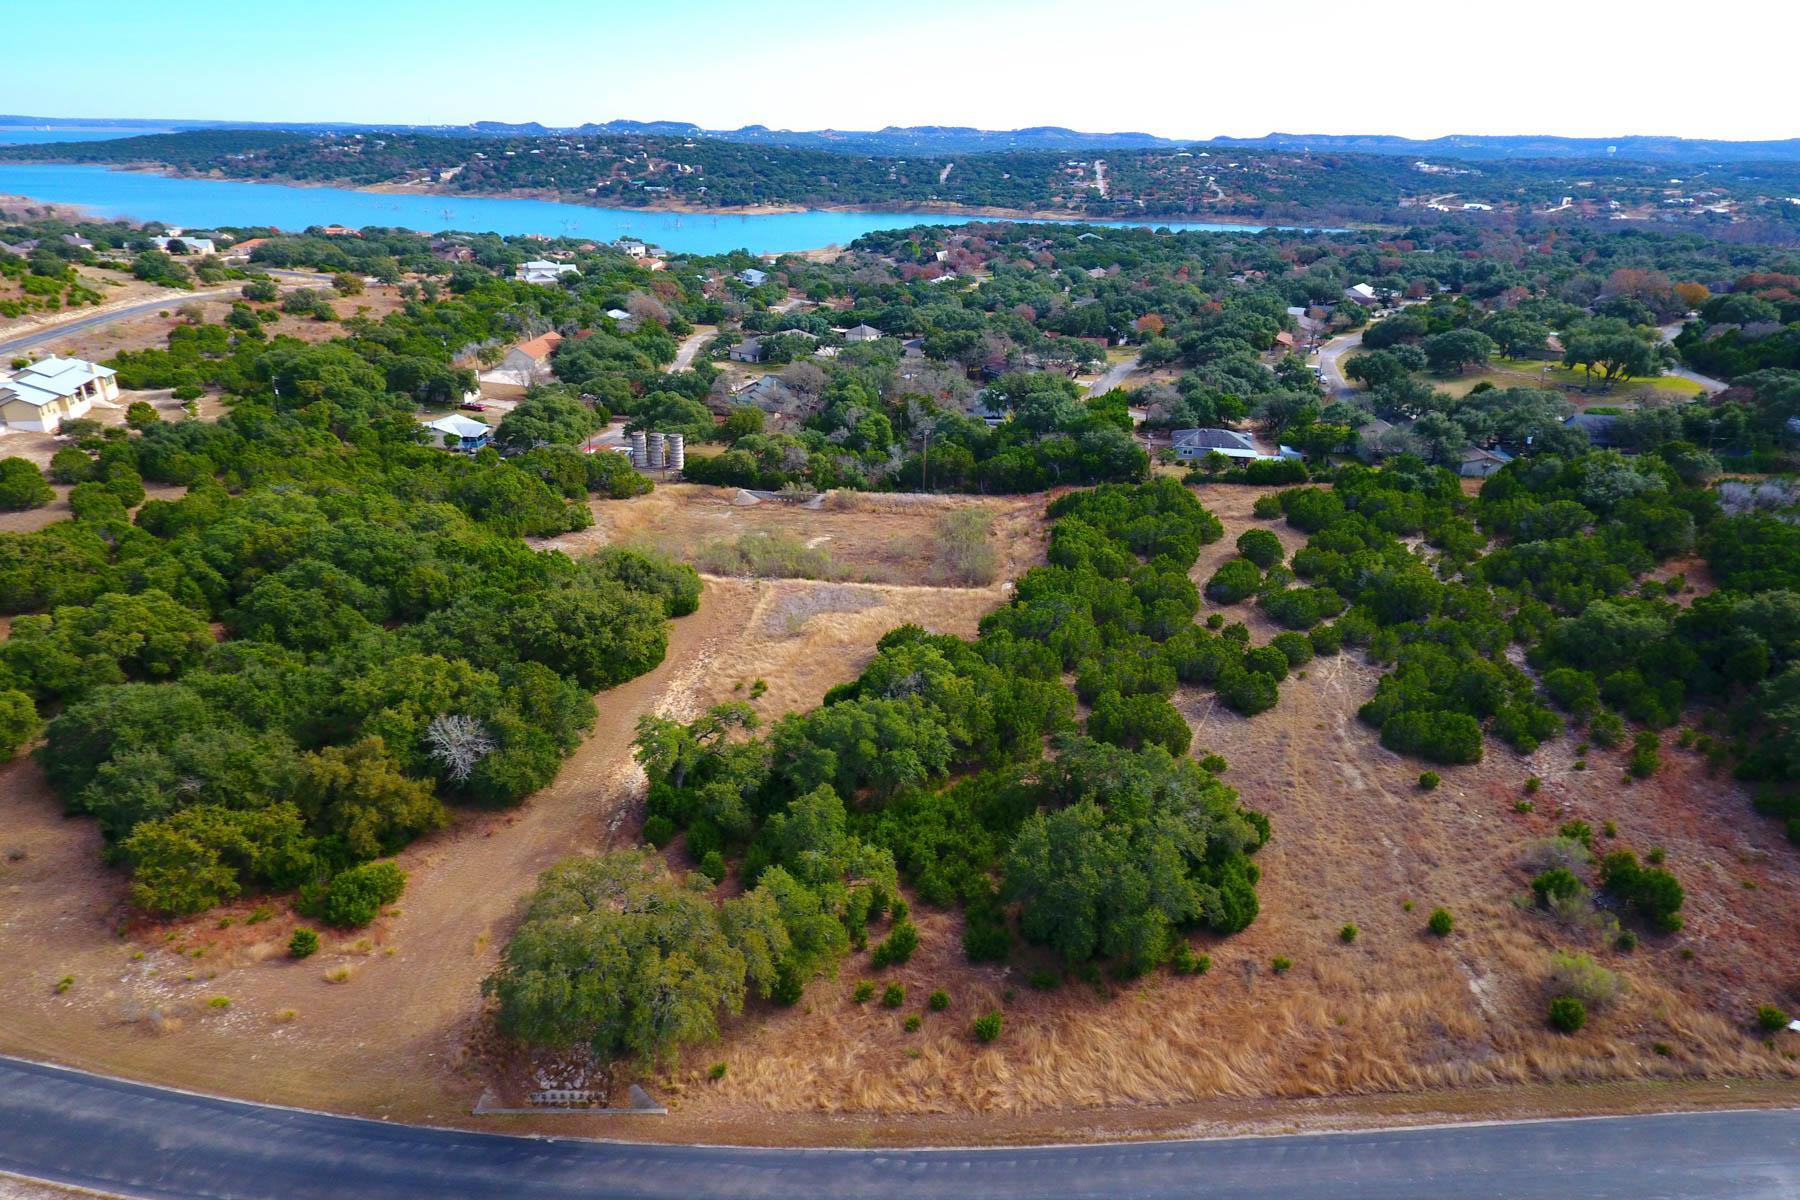 Terreno por un Venta en Perfect Lot to Build a Dream Home 1334 Ensenada Dr Canyon Lake, Texas 78133 Estados Unidos